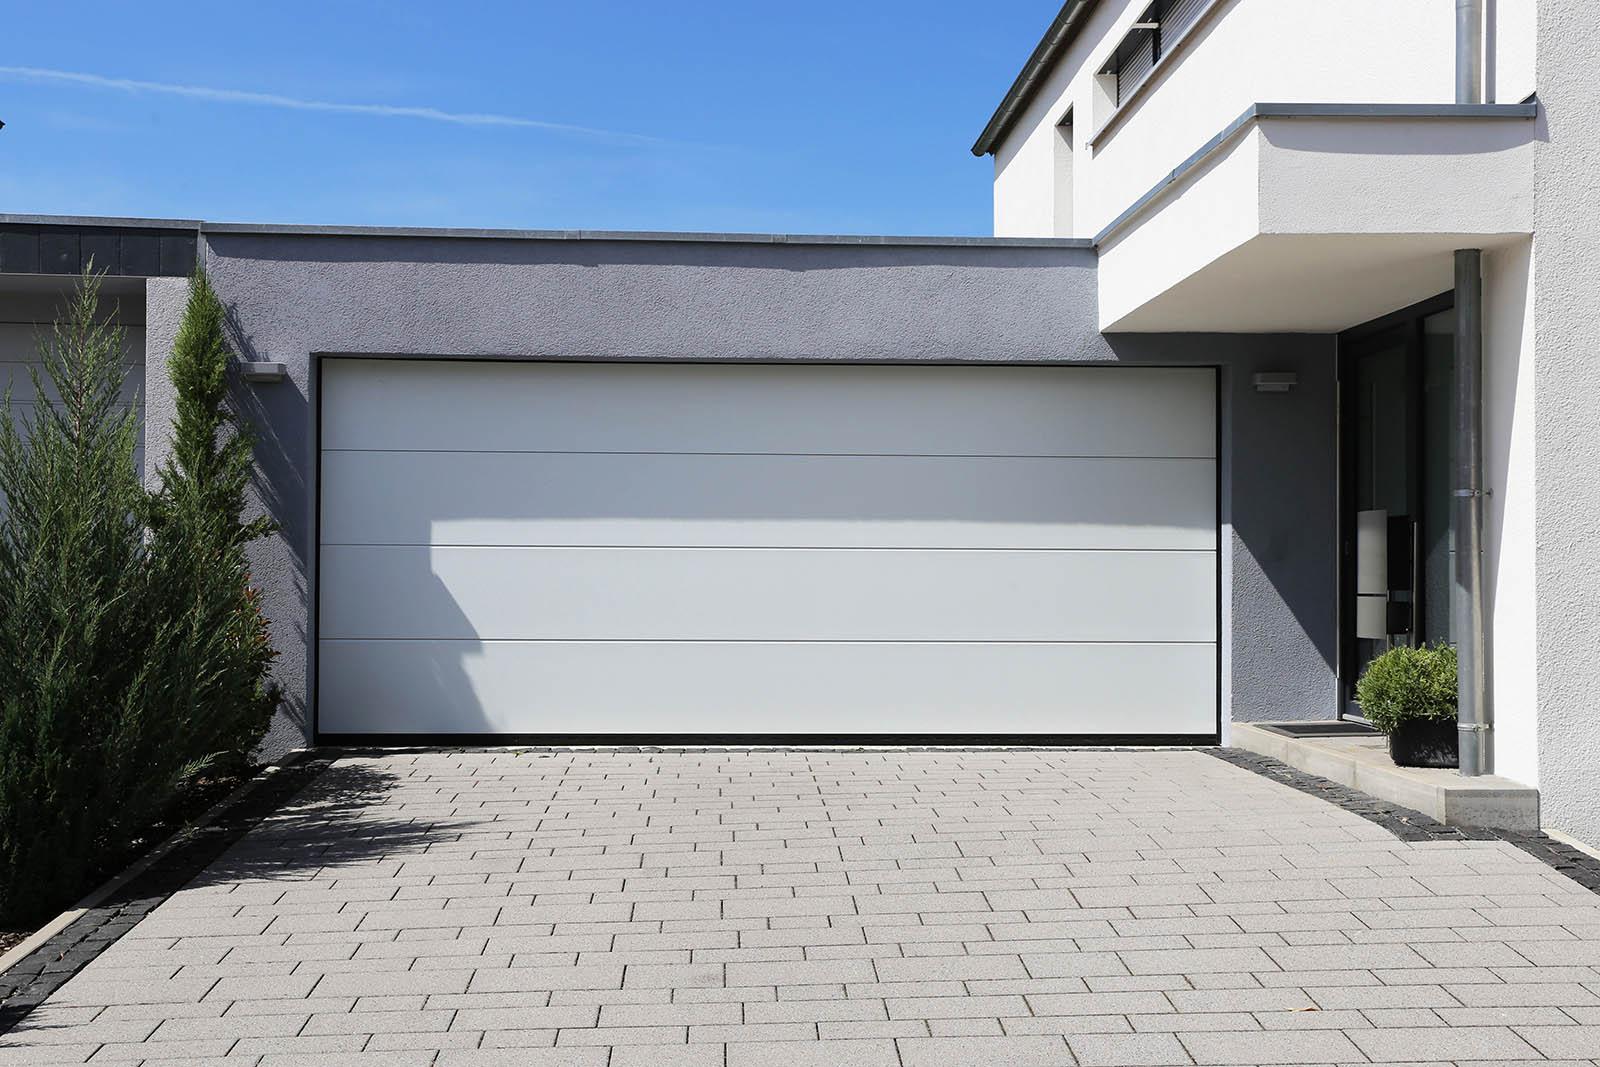 Ni kan få nästan vilka garageportar i Skåne som ni vill. Hos oss har ni många olika val av garageportar i Skåne.